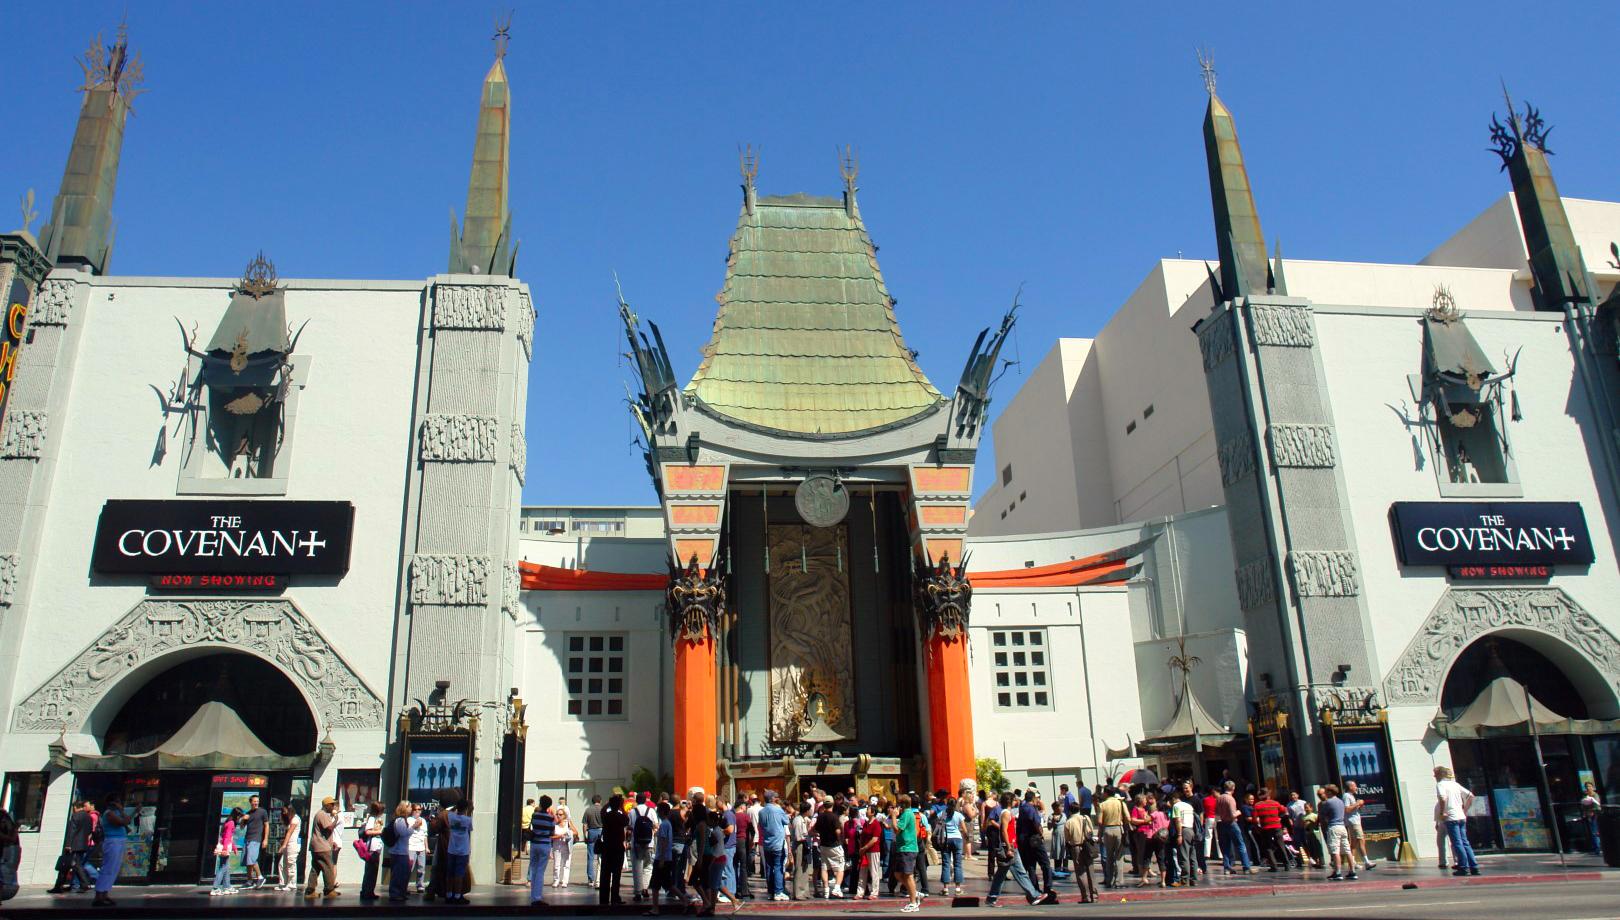 Qué hacer y ver en Los Ángeles los angeles - 32789960955 48cd57f7ed o - Qué hacer y ver en Los Angeles